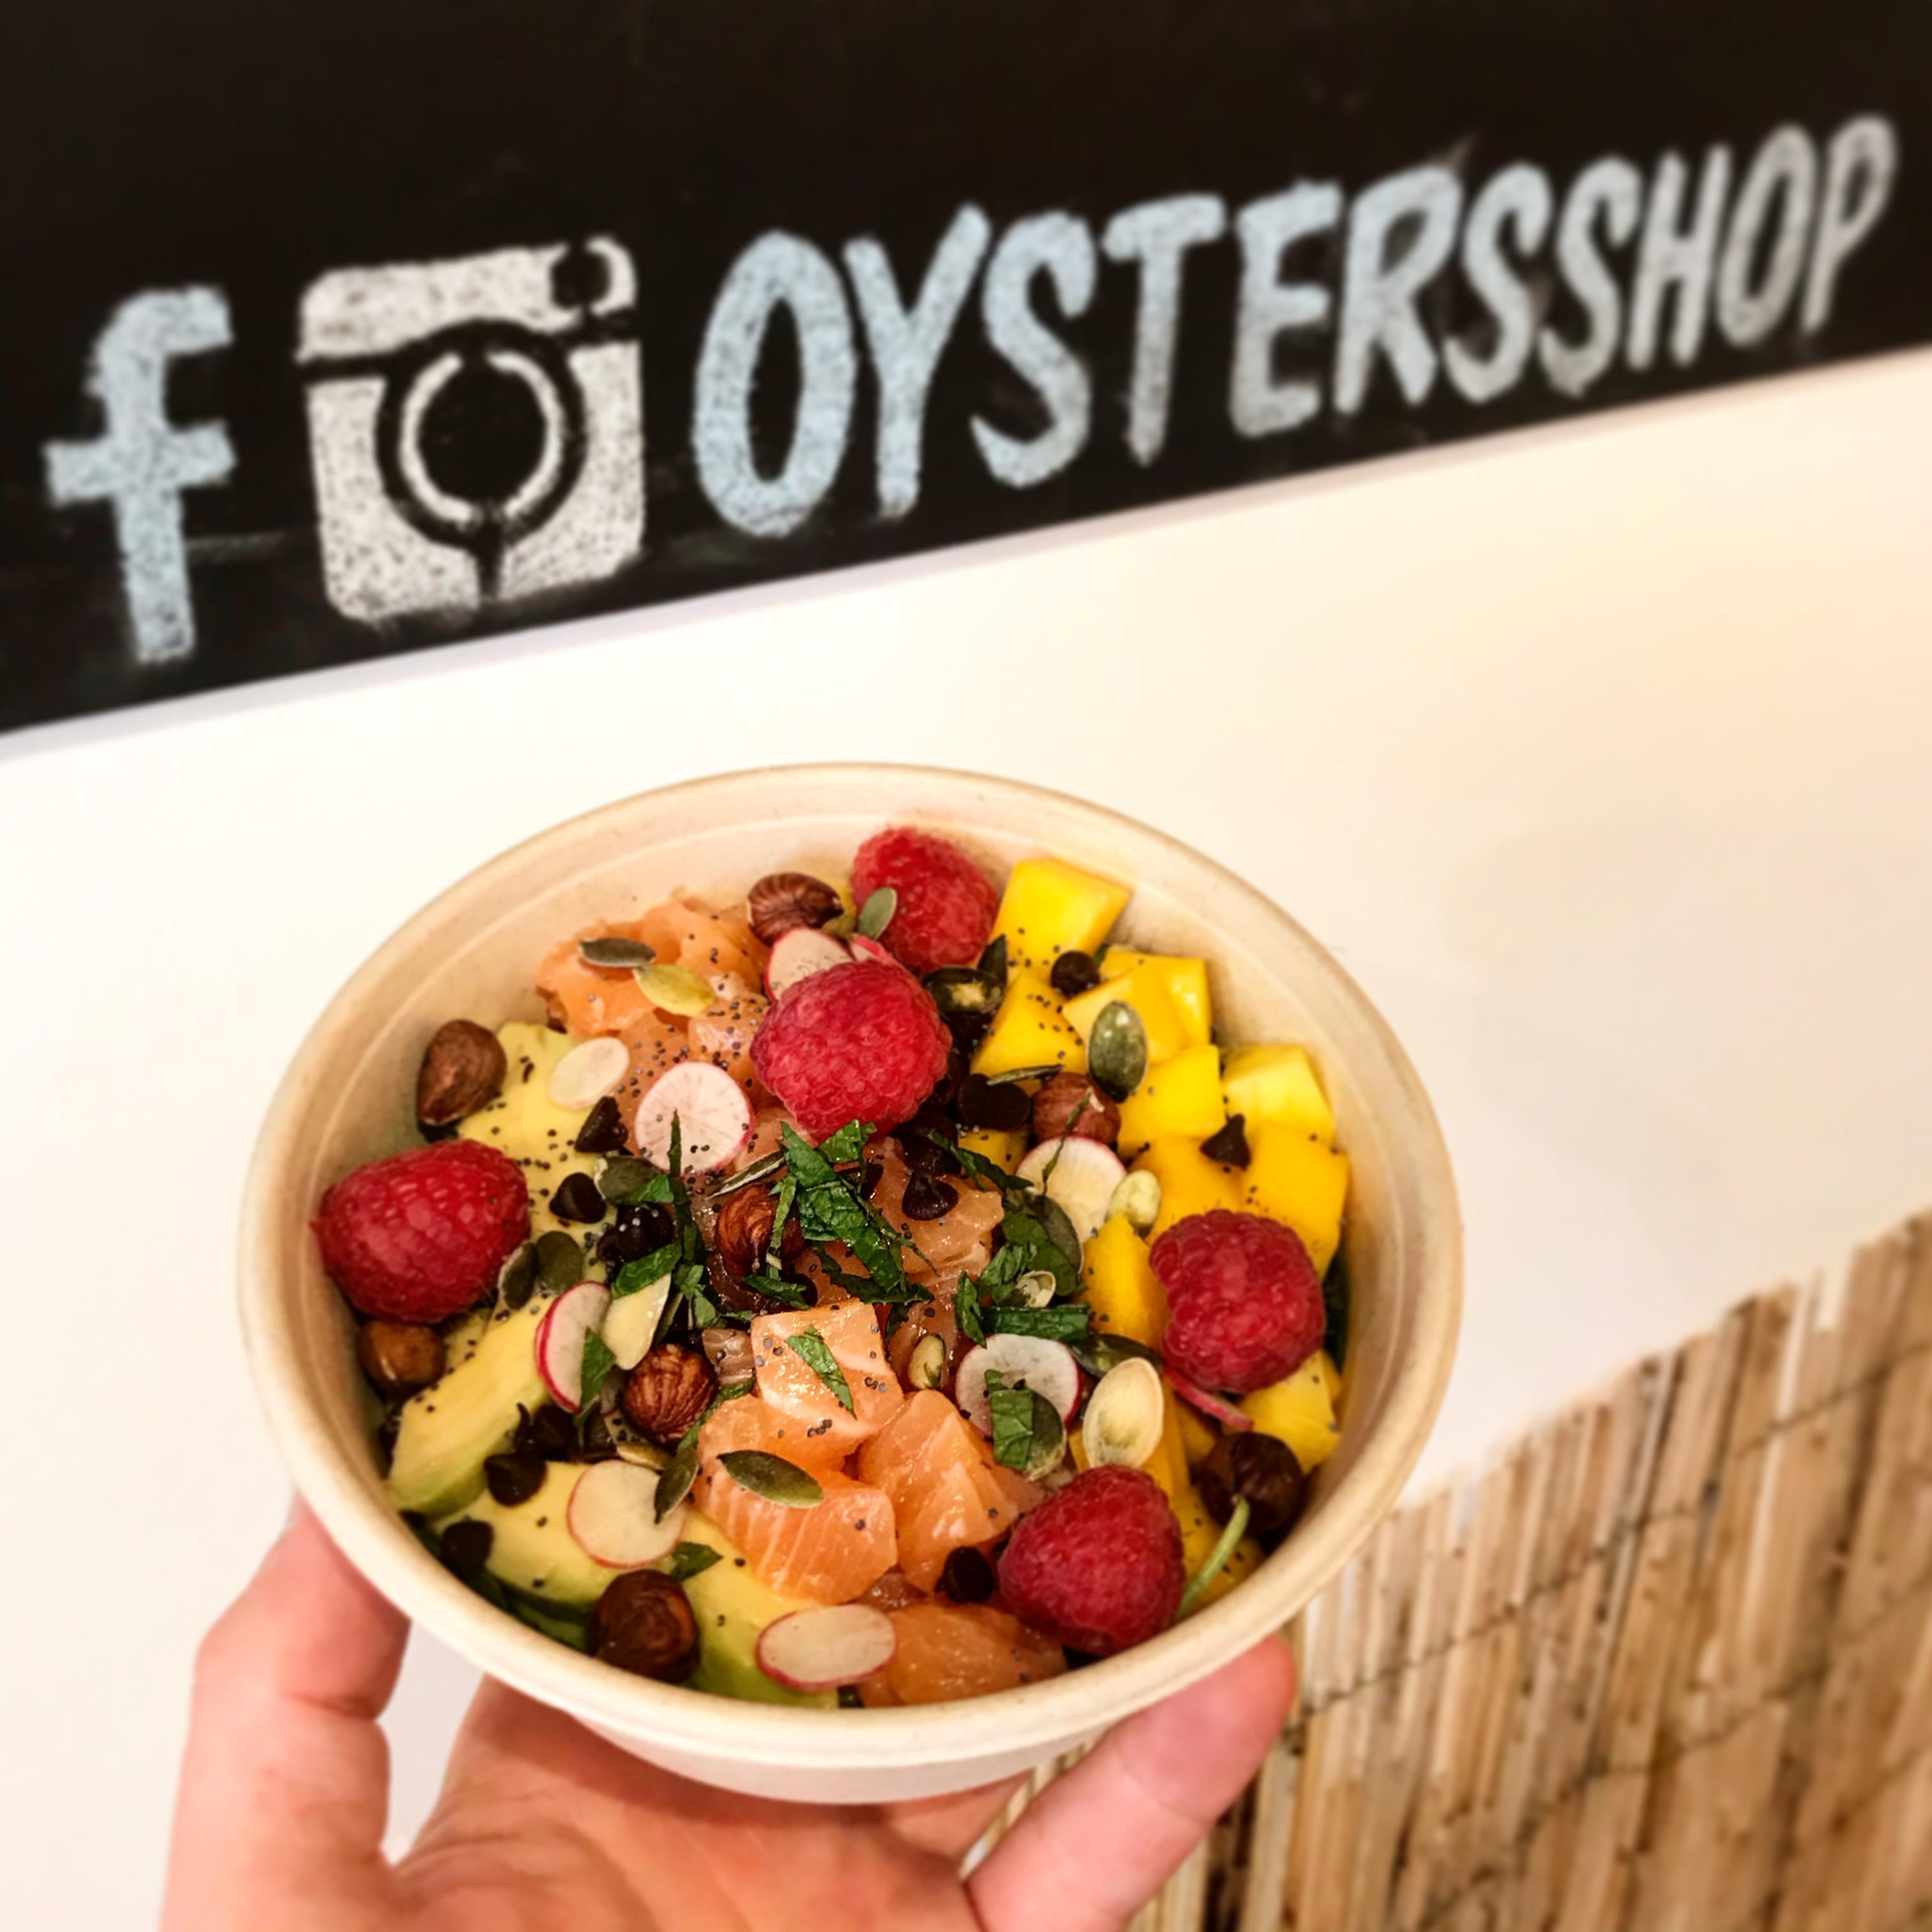 Oysters shop : la cabane à huitres urbaine !